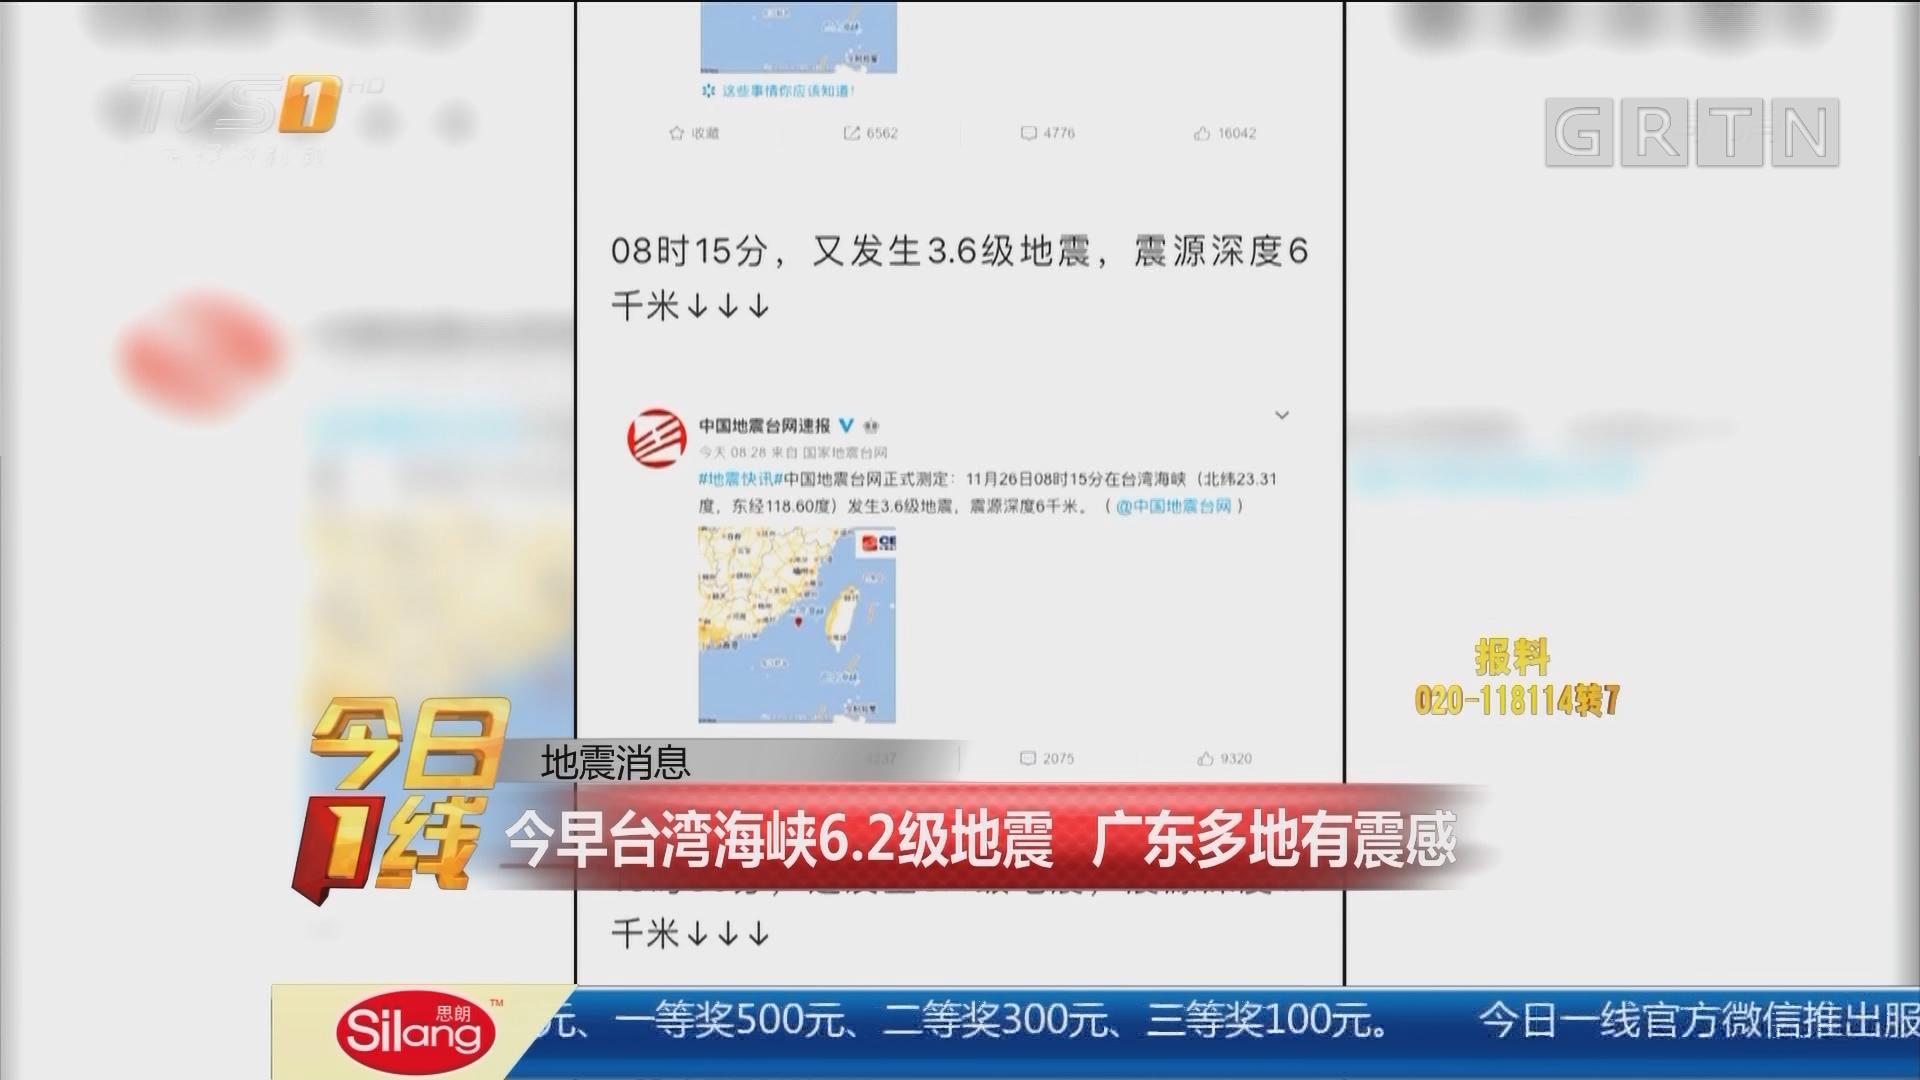 地震消息:今早台湾海峡6.2级地震 广东多地有震感